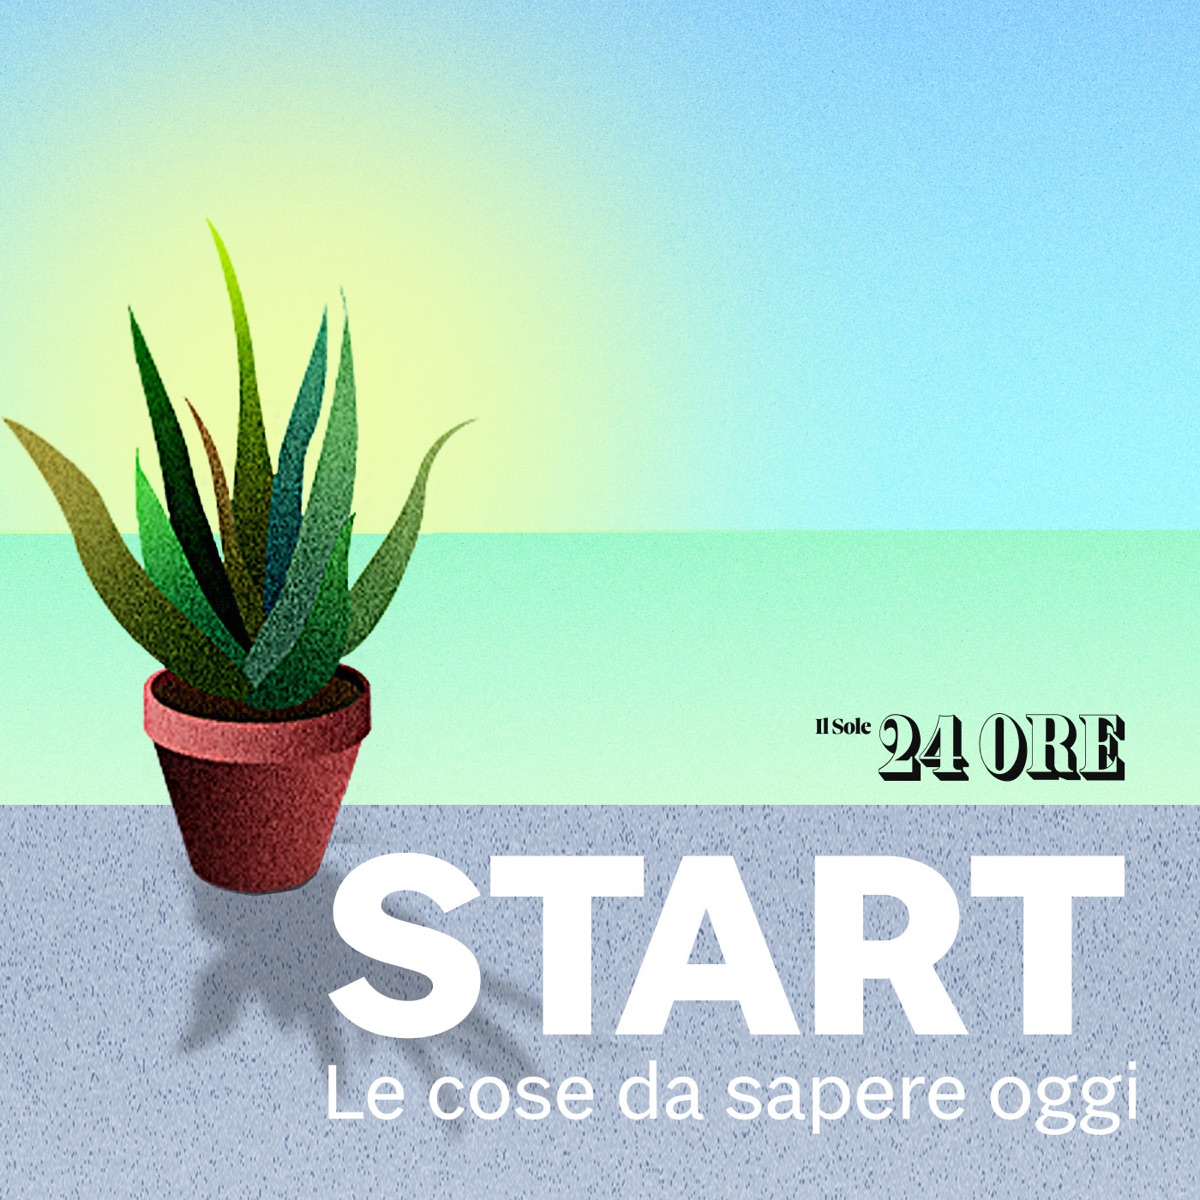 Start - Le notizie del Sole 24 Ore